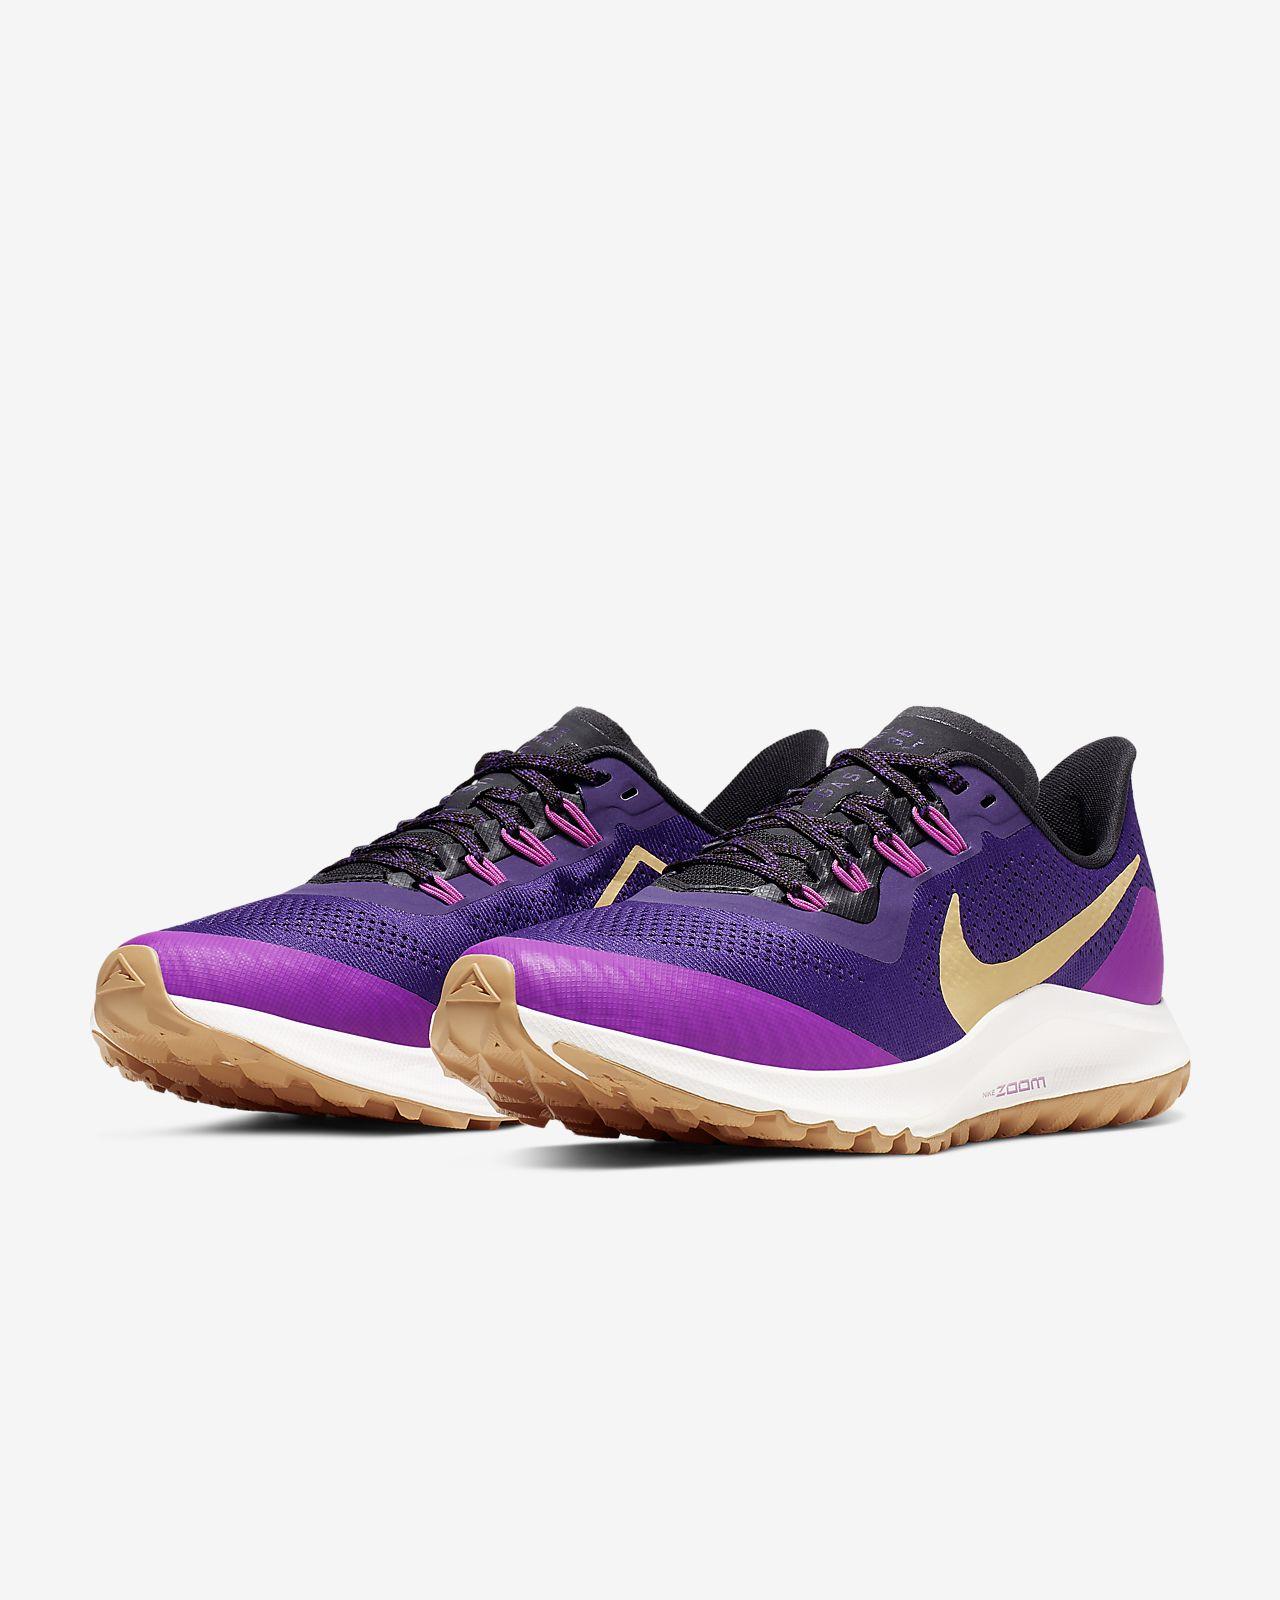 Scarpa da trail running Nike Air Zoom Pegasus 36 - Donna